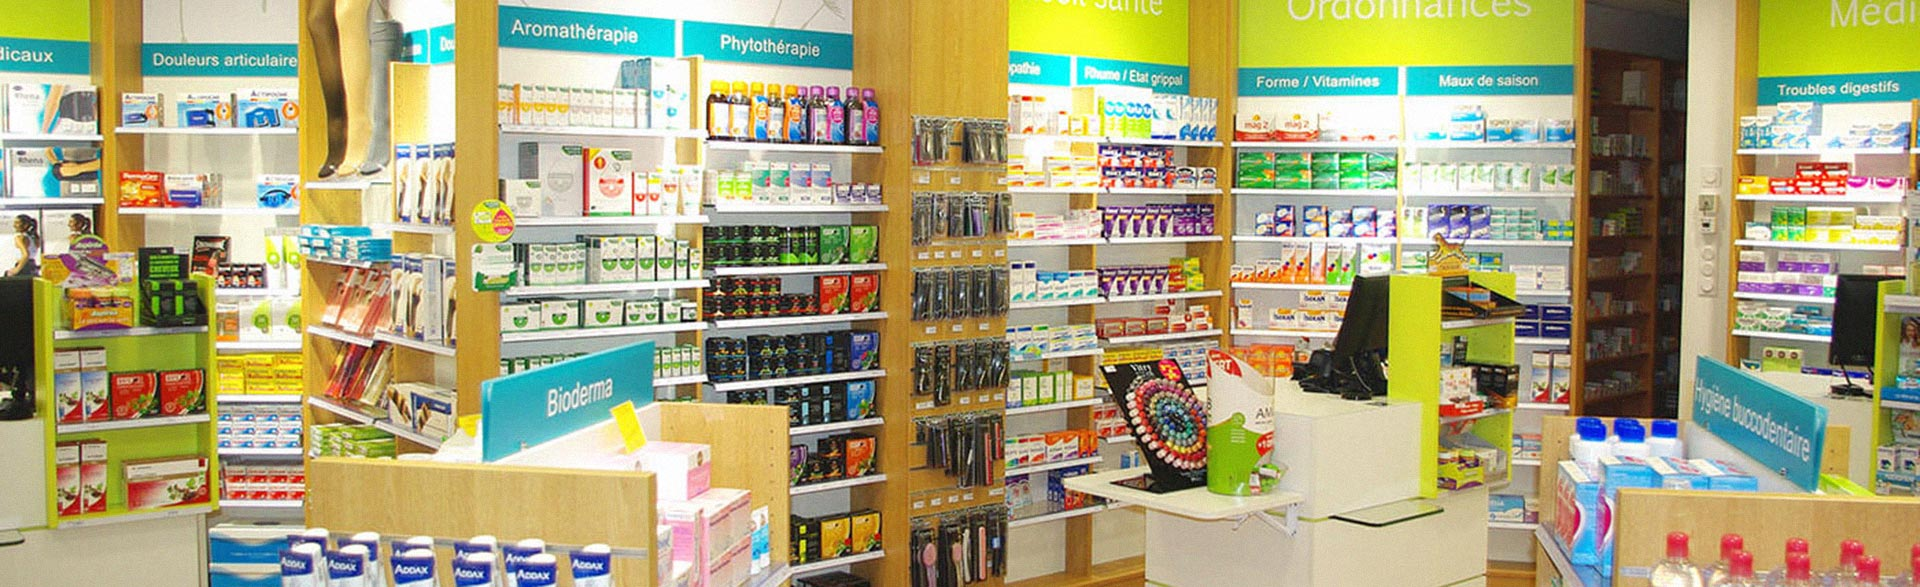 Pharmacie des rompois : Des médicaments de qualité ?